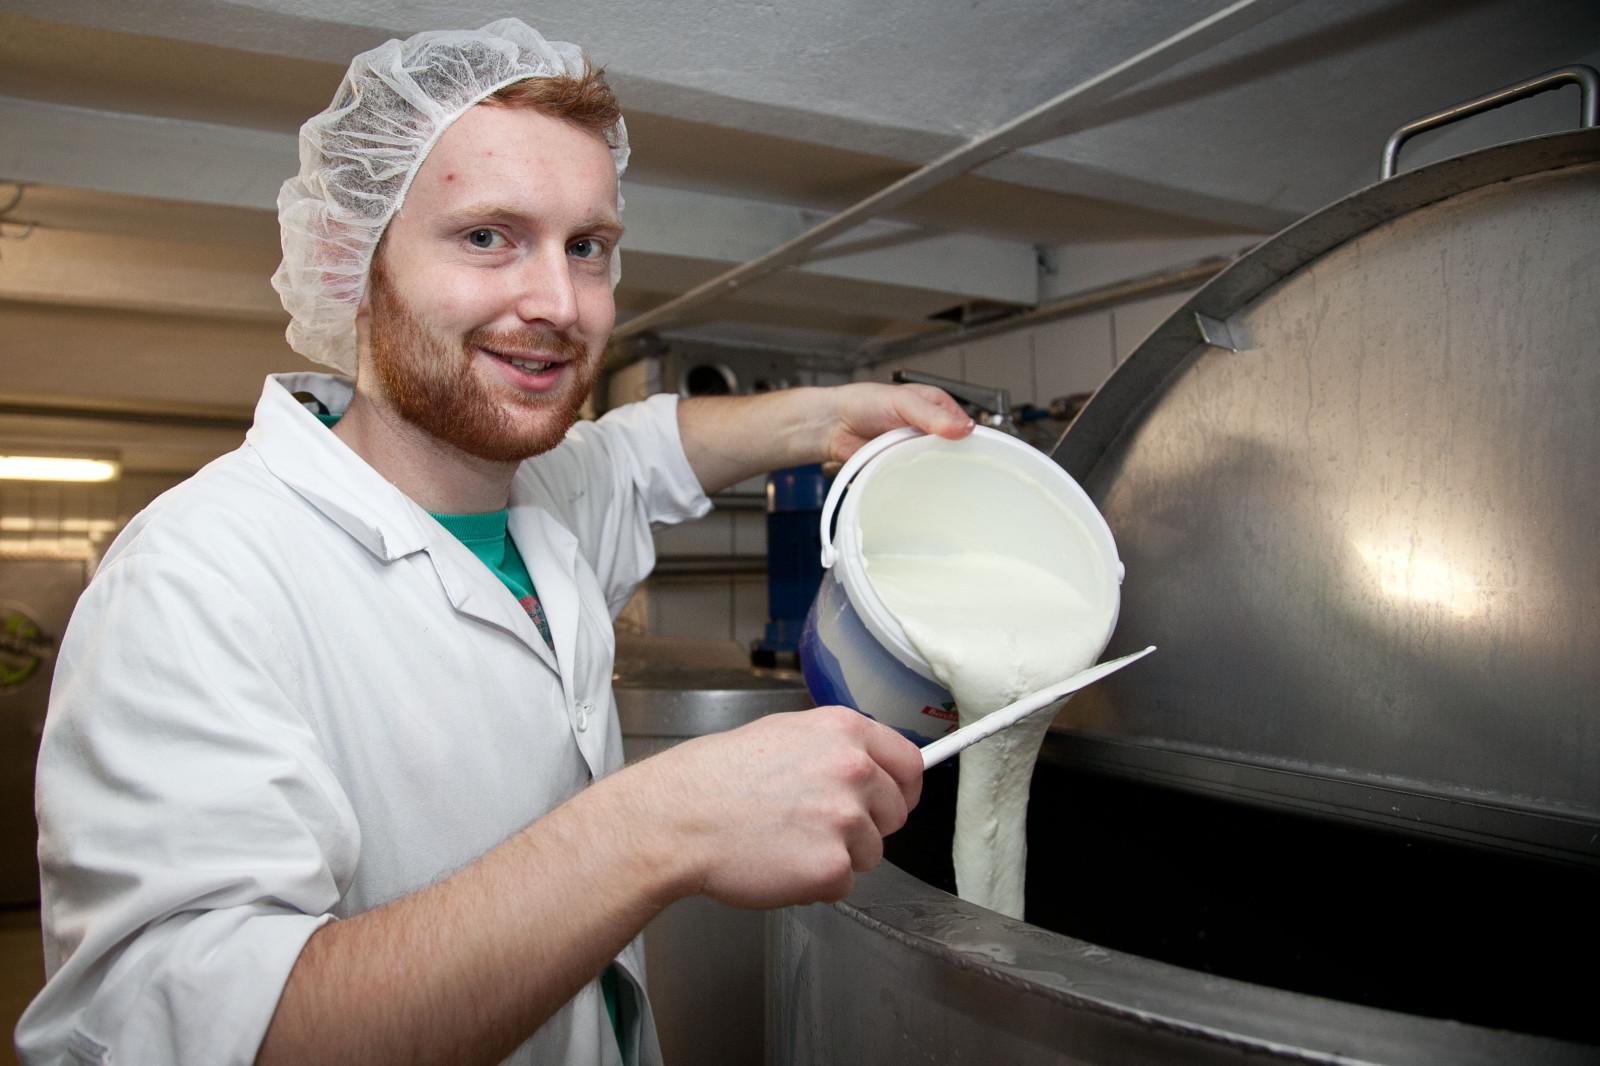 für das Eis wird Bio-Joghurt verwendet